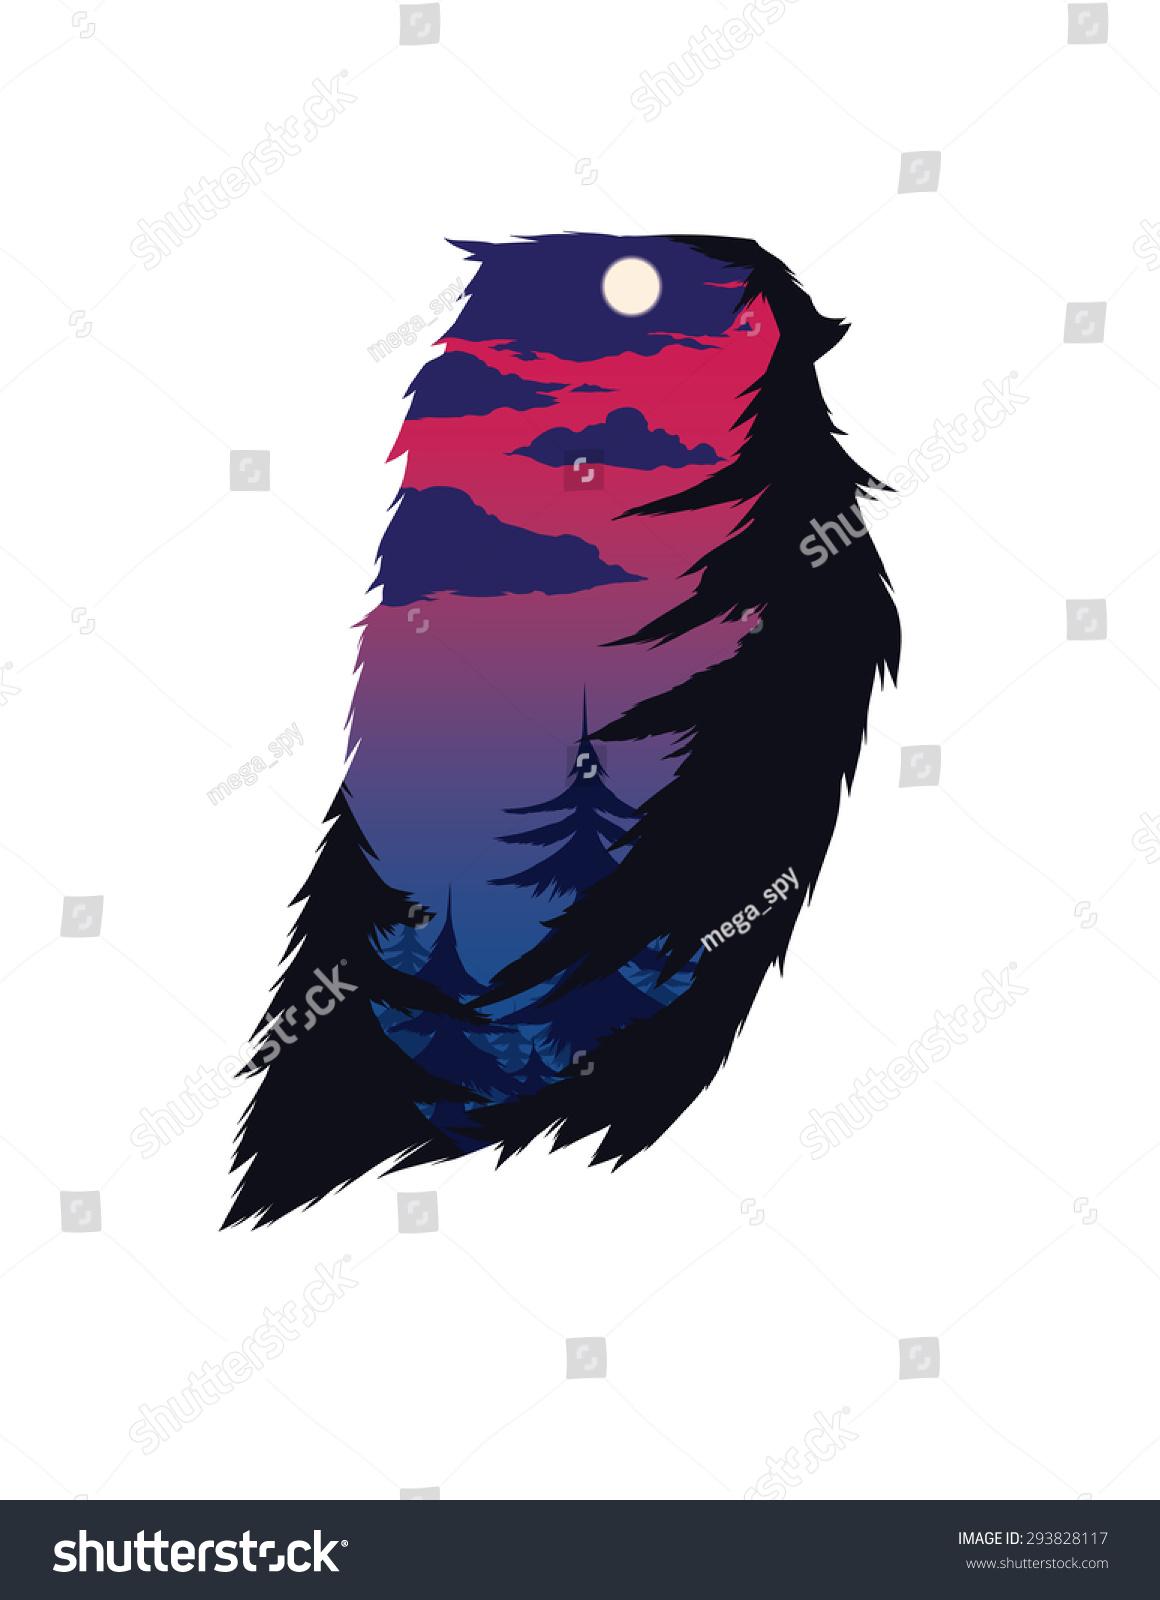 双曝光猫头鹰剪影矢量图